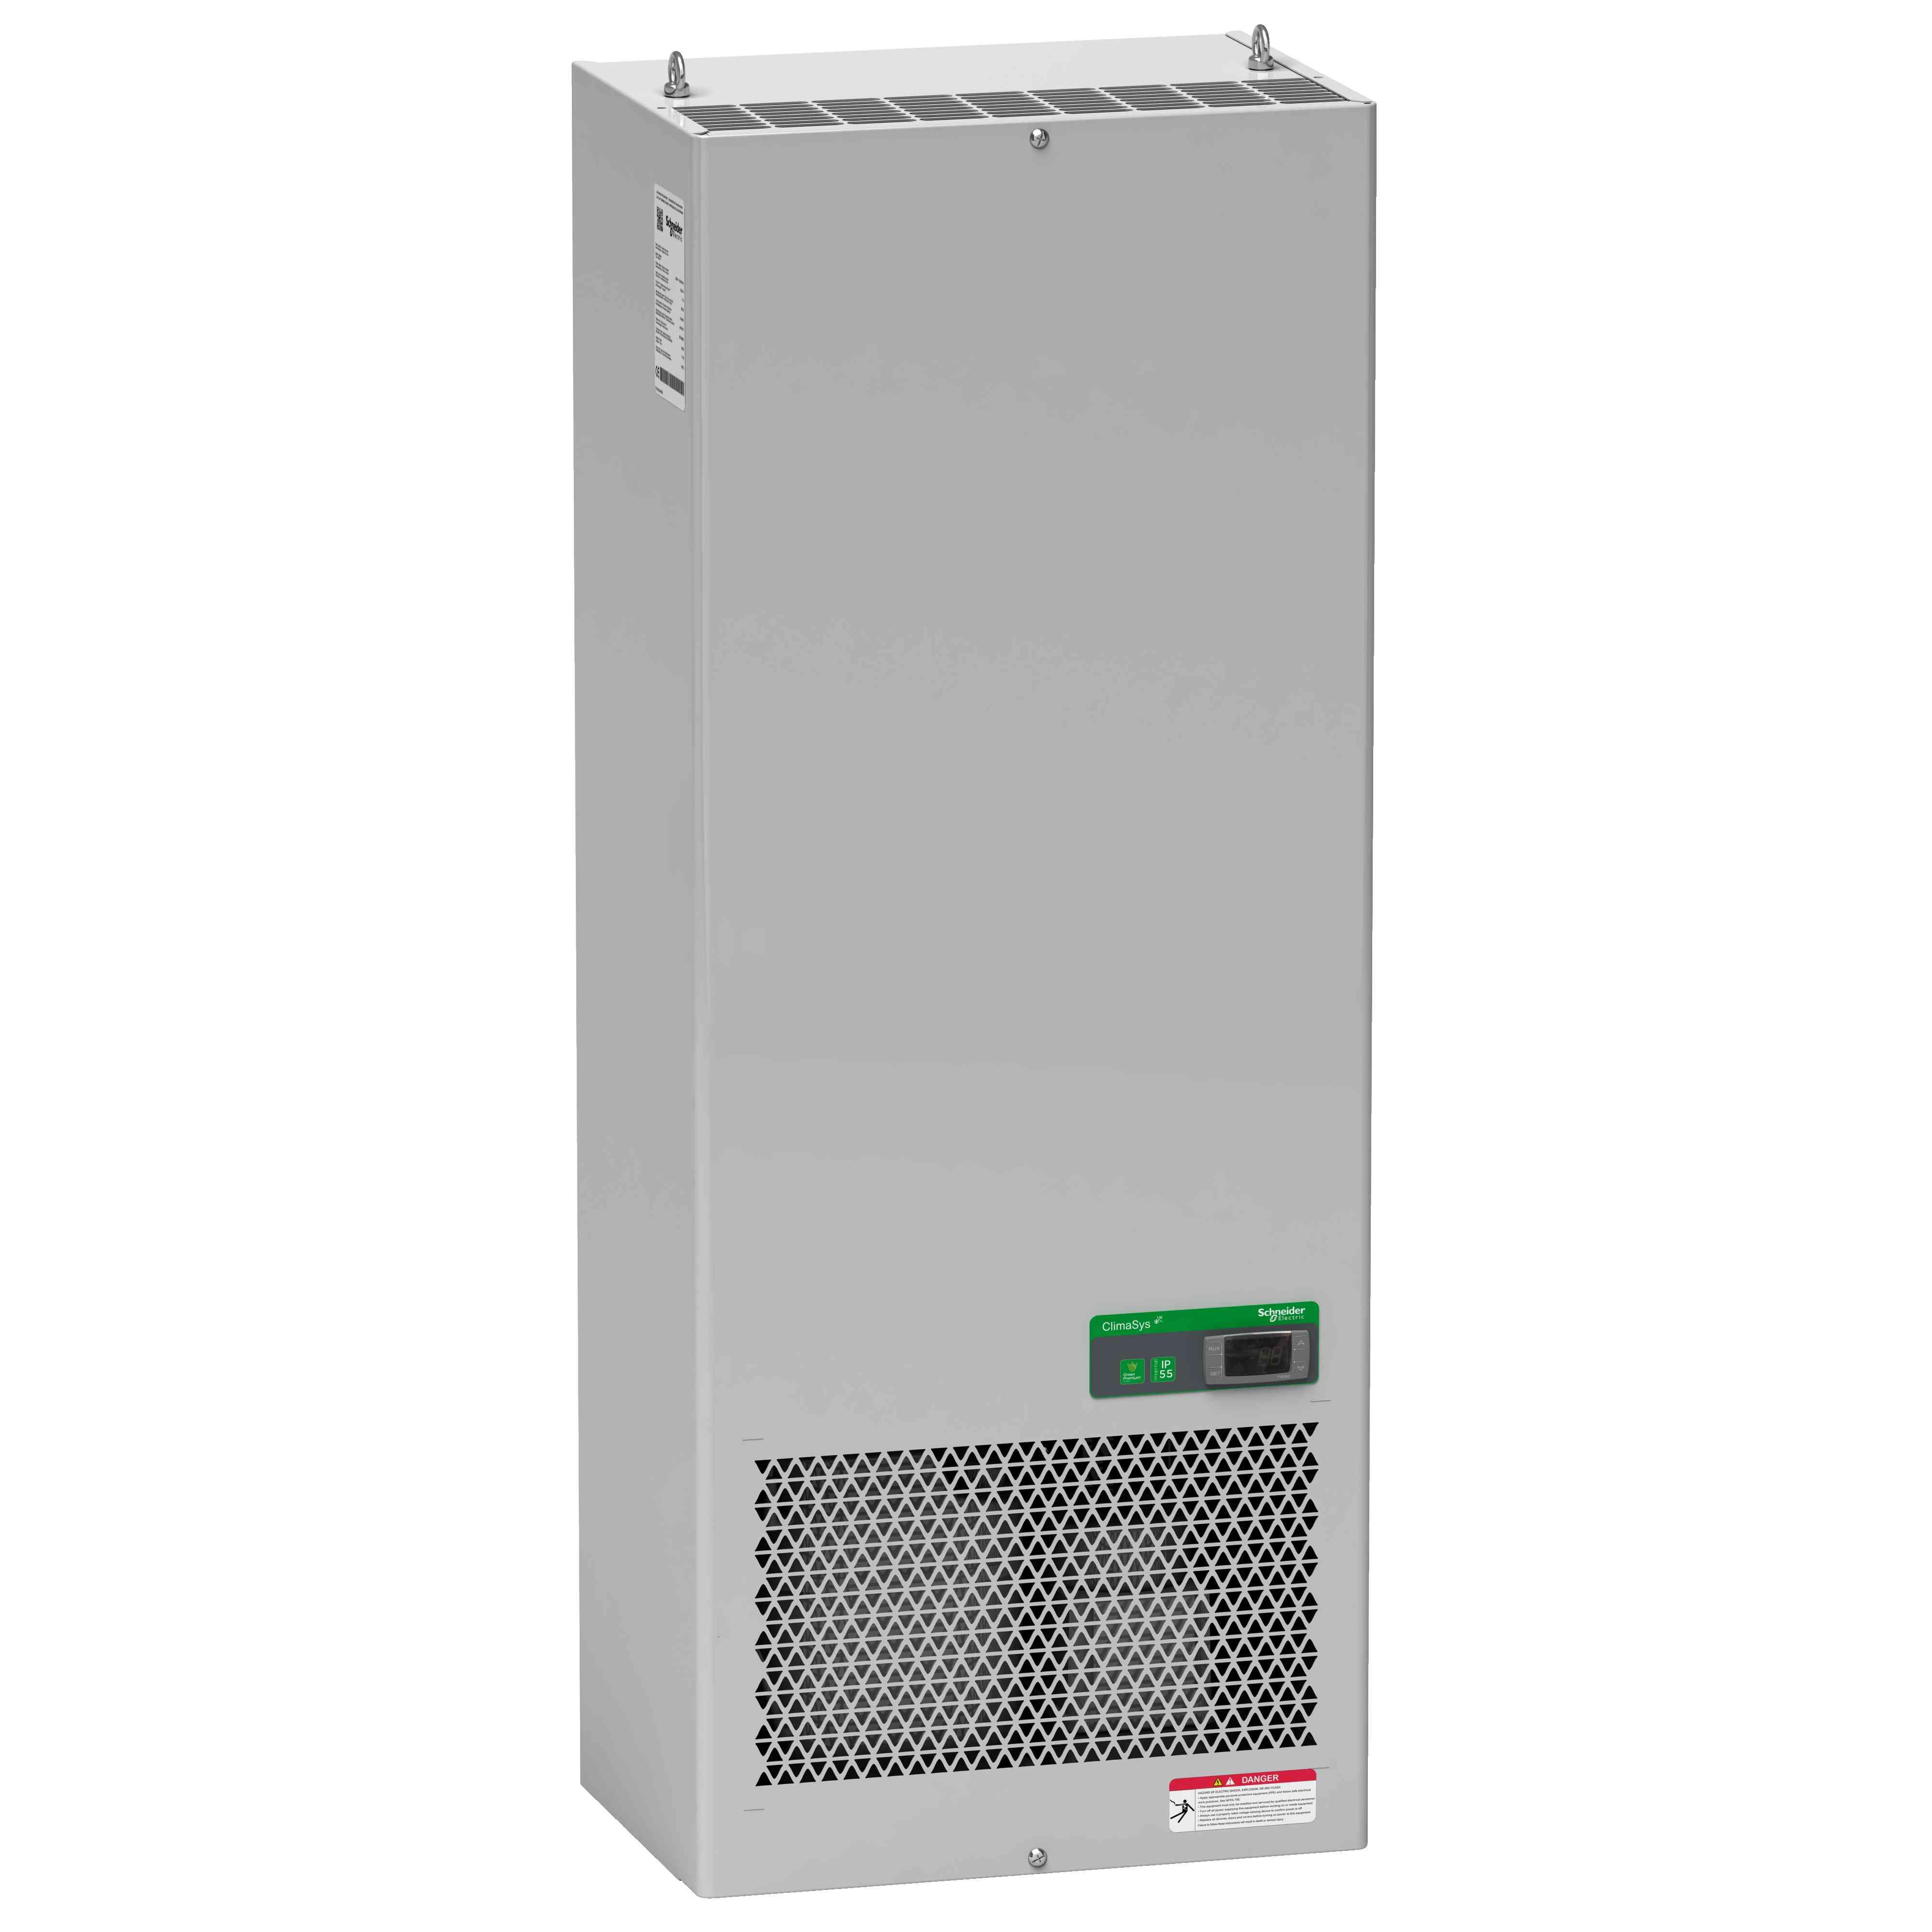 Standardna hladilna enota ClimaSys ob strani omare - 2900 W pri 400 V